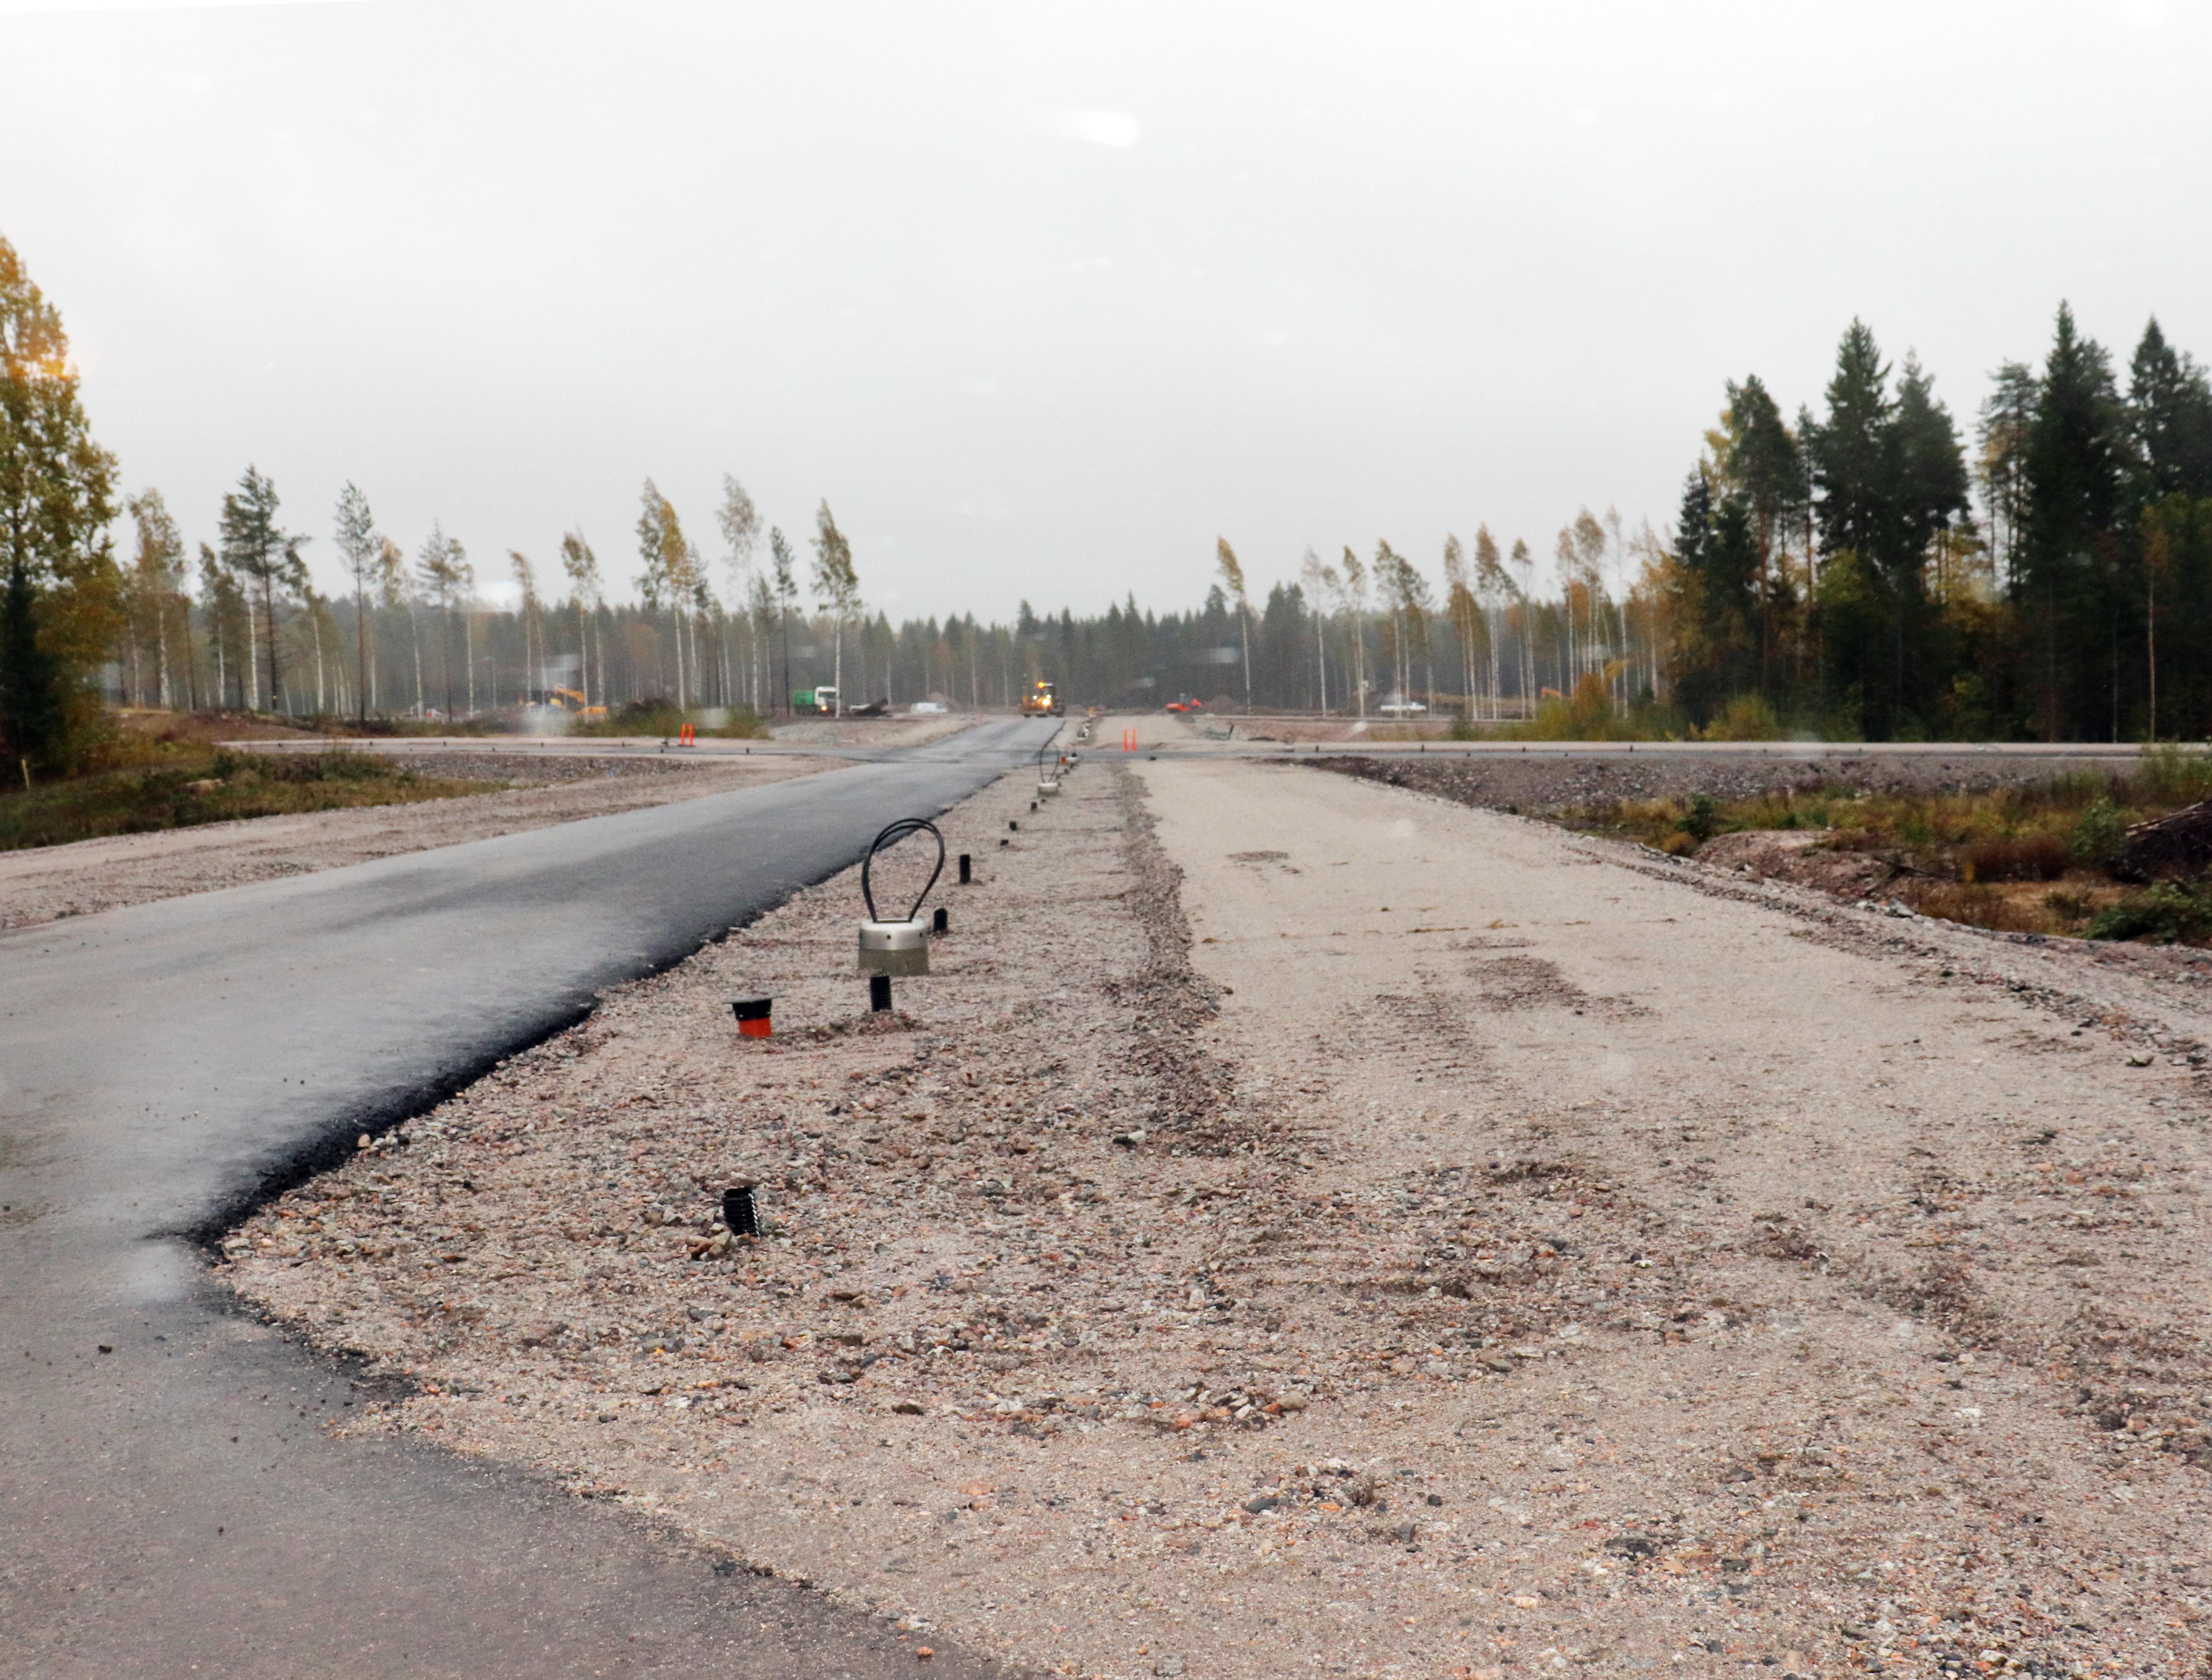 Asuntomessualueen perusinfra luovutettiin tänään tilaajalle, Tuusulan kunnalle. Osassa aluetta tehdään vielä urakan viimeistelytöitä, mm. pohja-asvaltointia. Viikon 42 jälkeen koko alueella näyttää tältä.